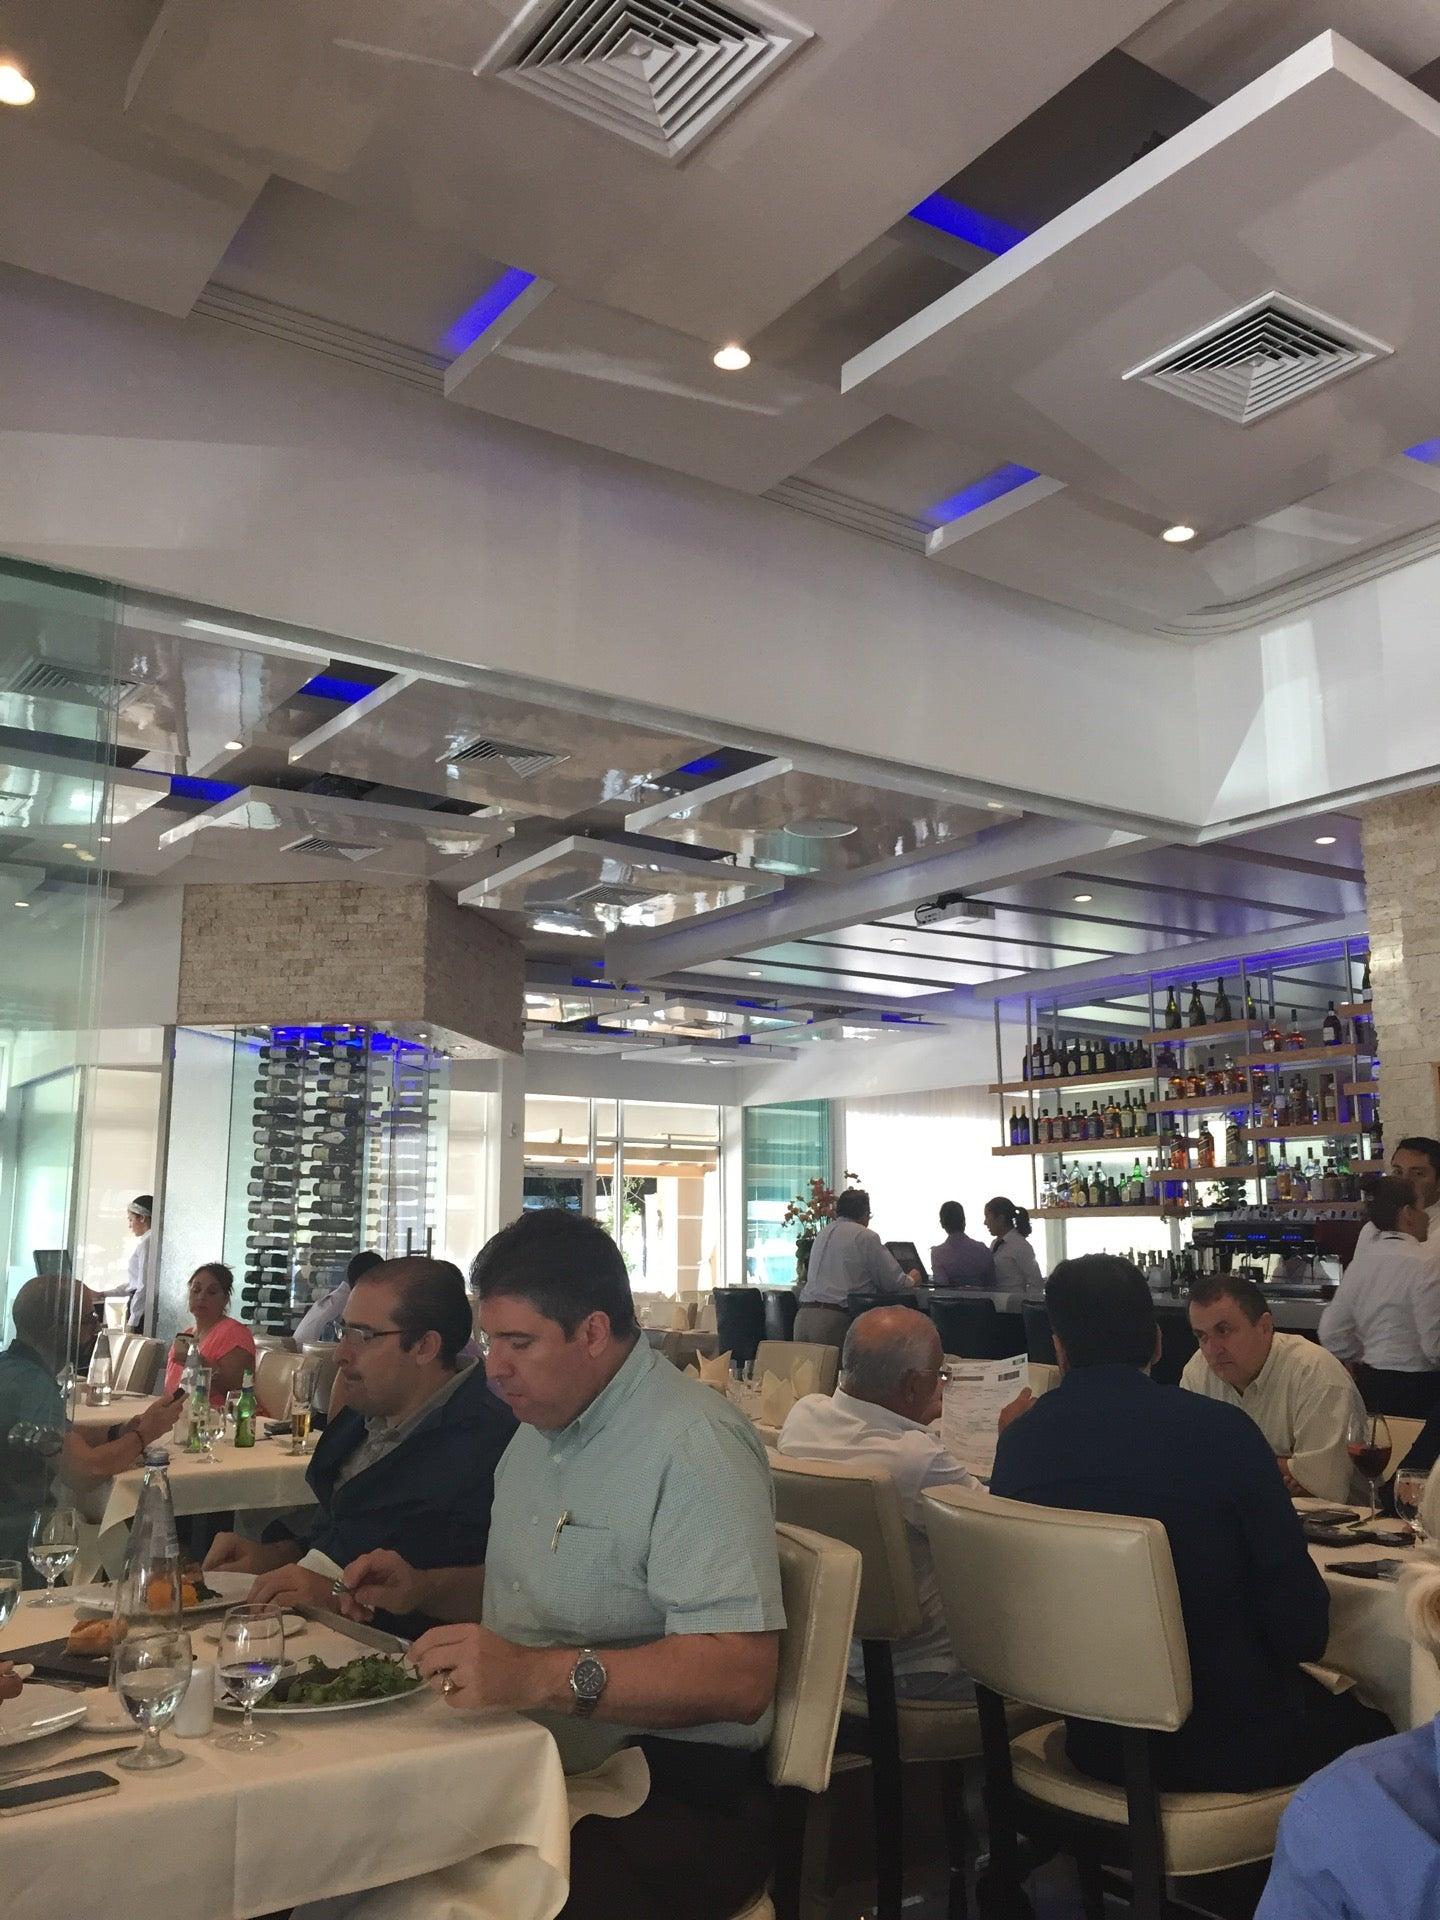 Olivos Restaurant In Doral Parent Reviews On Winnie